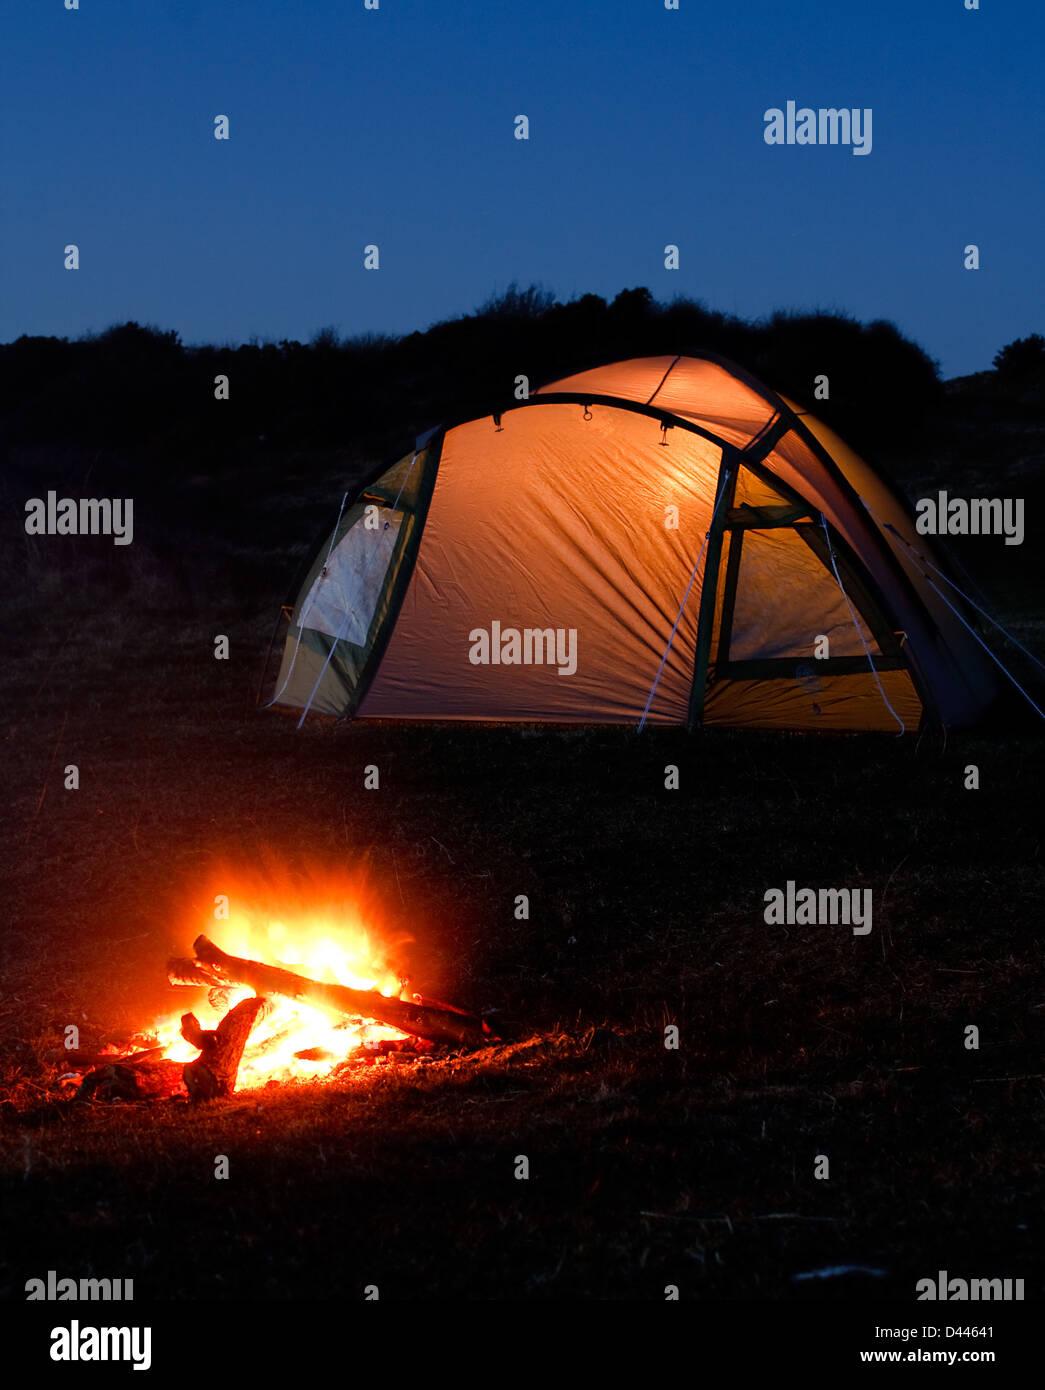 Zelt leuchtet in der Nacht mit Lagerfeuer vor symbolisiert camping Urlaub oder Ferien auf dem Land Stockbild